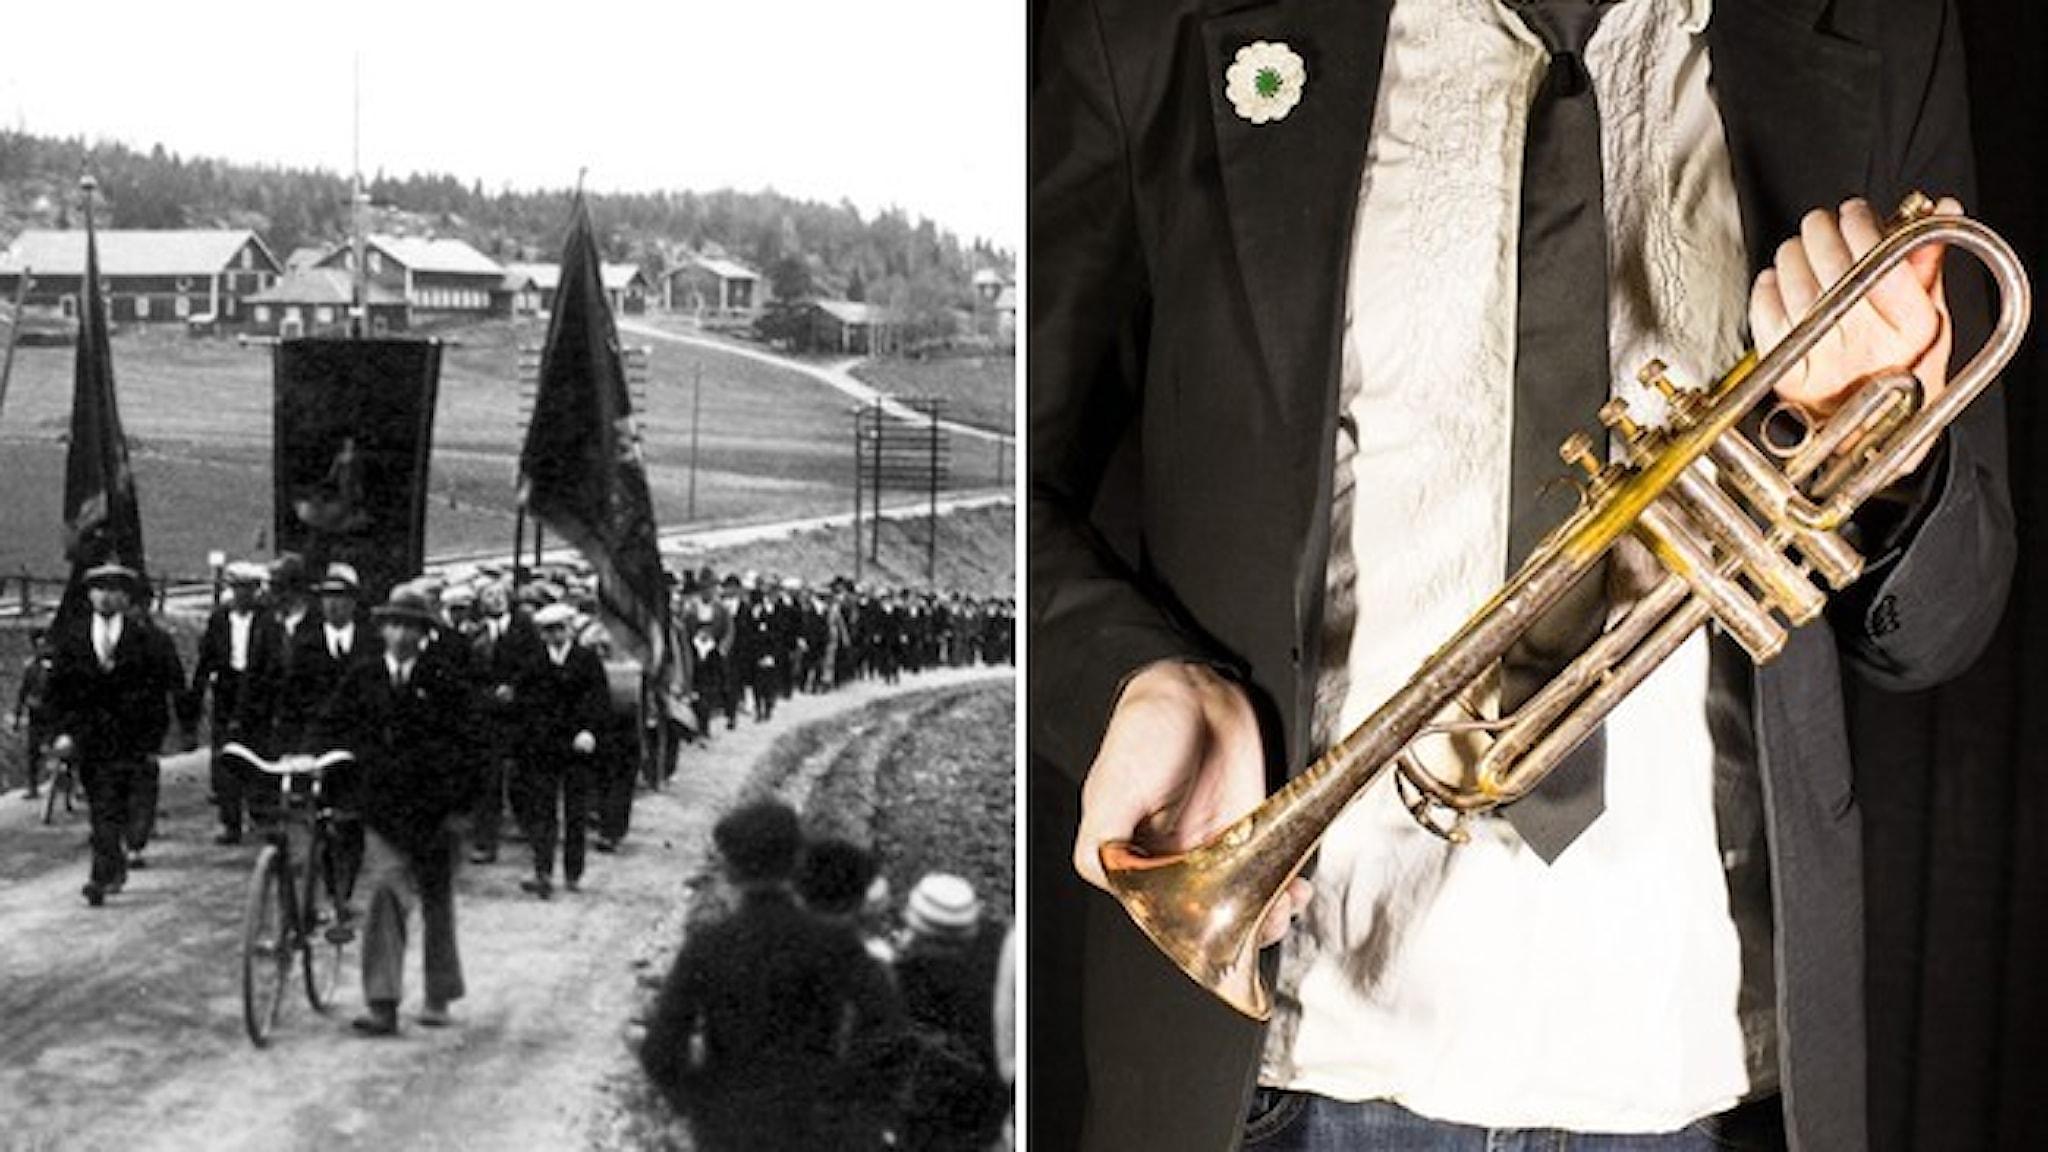 Svartvit bild av demonstrationståget i Ådalen 1931 och en nutida bild av trumpeten som blåste eldupphör.